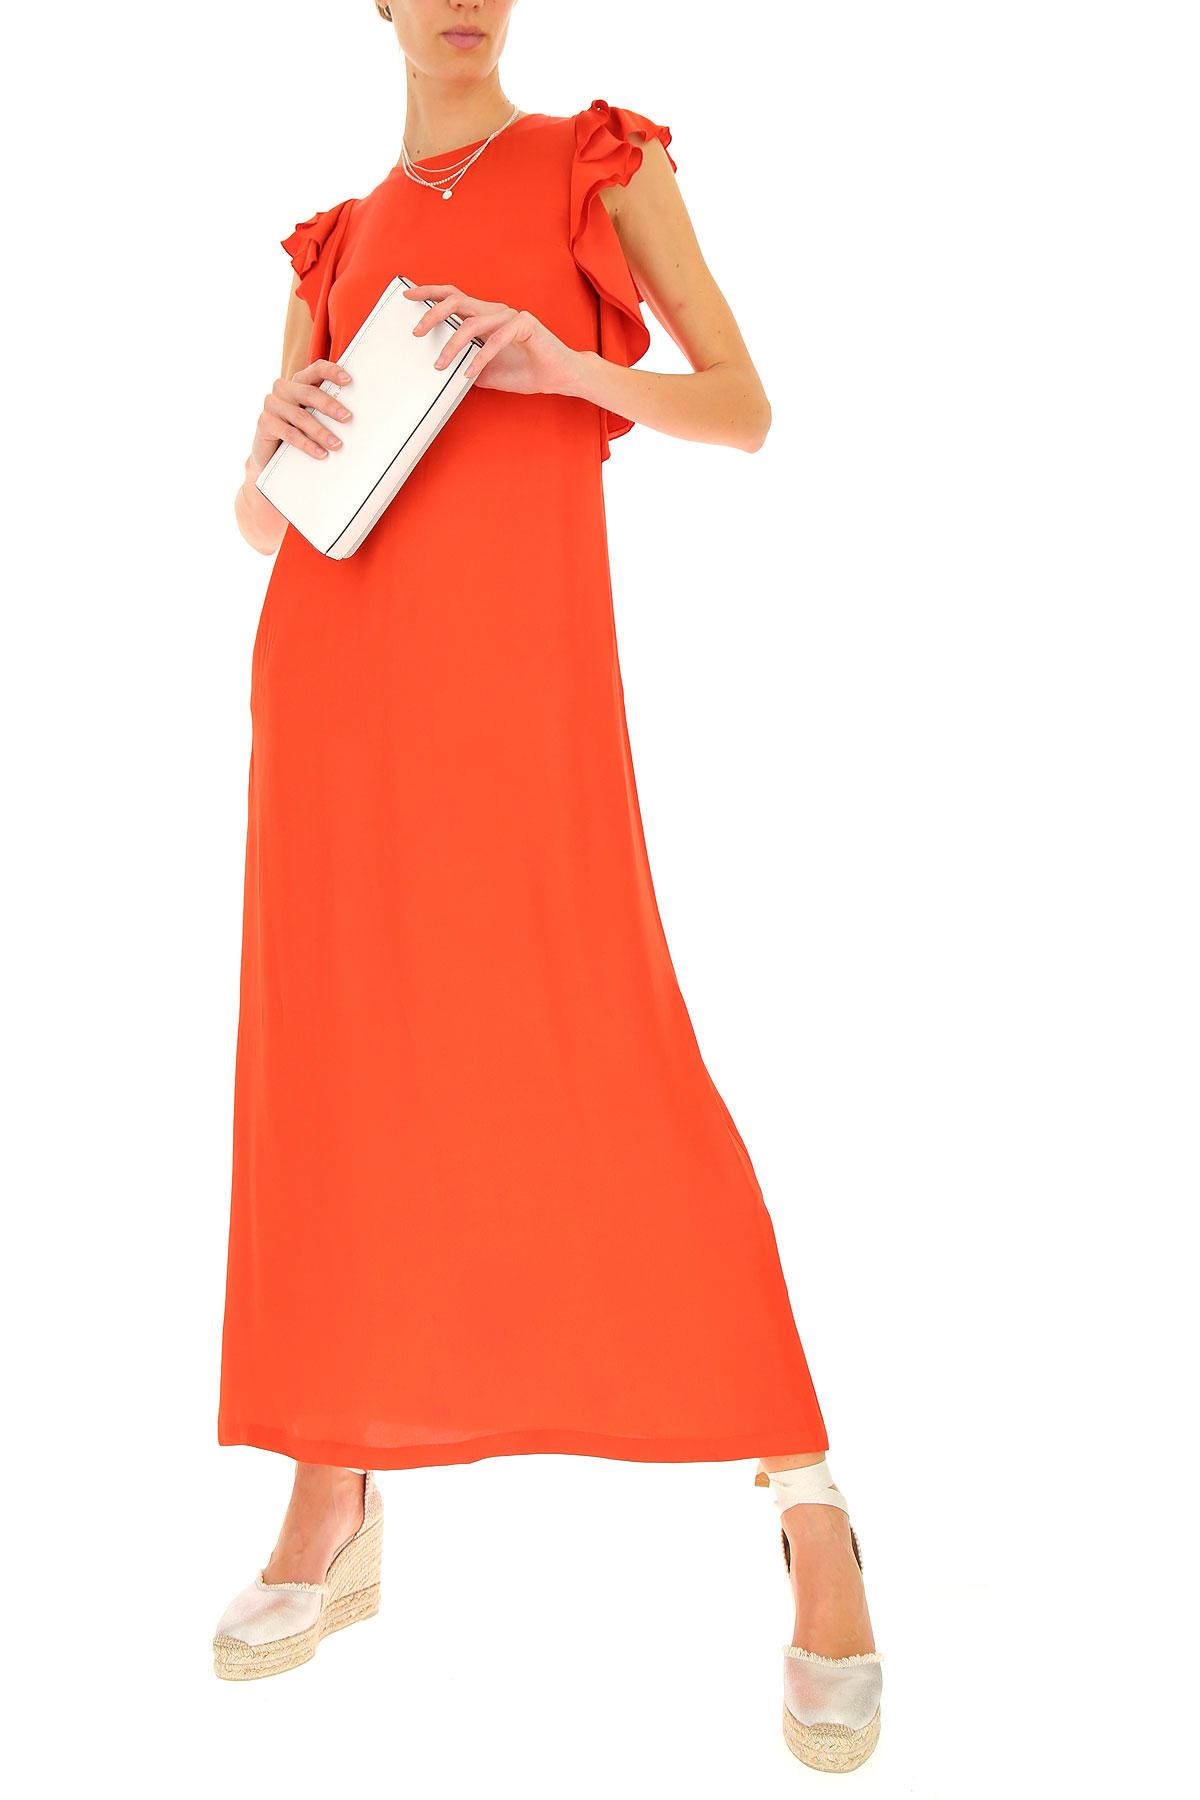 verano nbsp; 2019 Semicouture Para Ropa Rojo Primavera Mujer wTqqf01IB